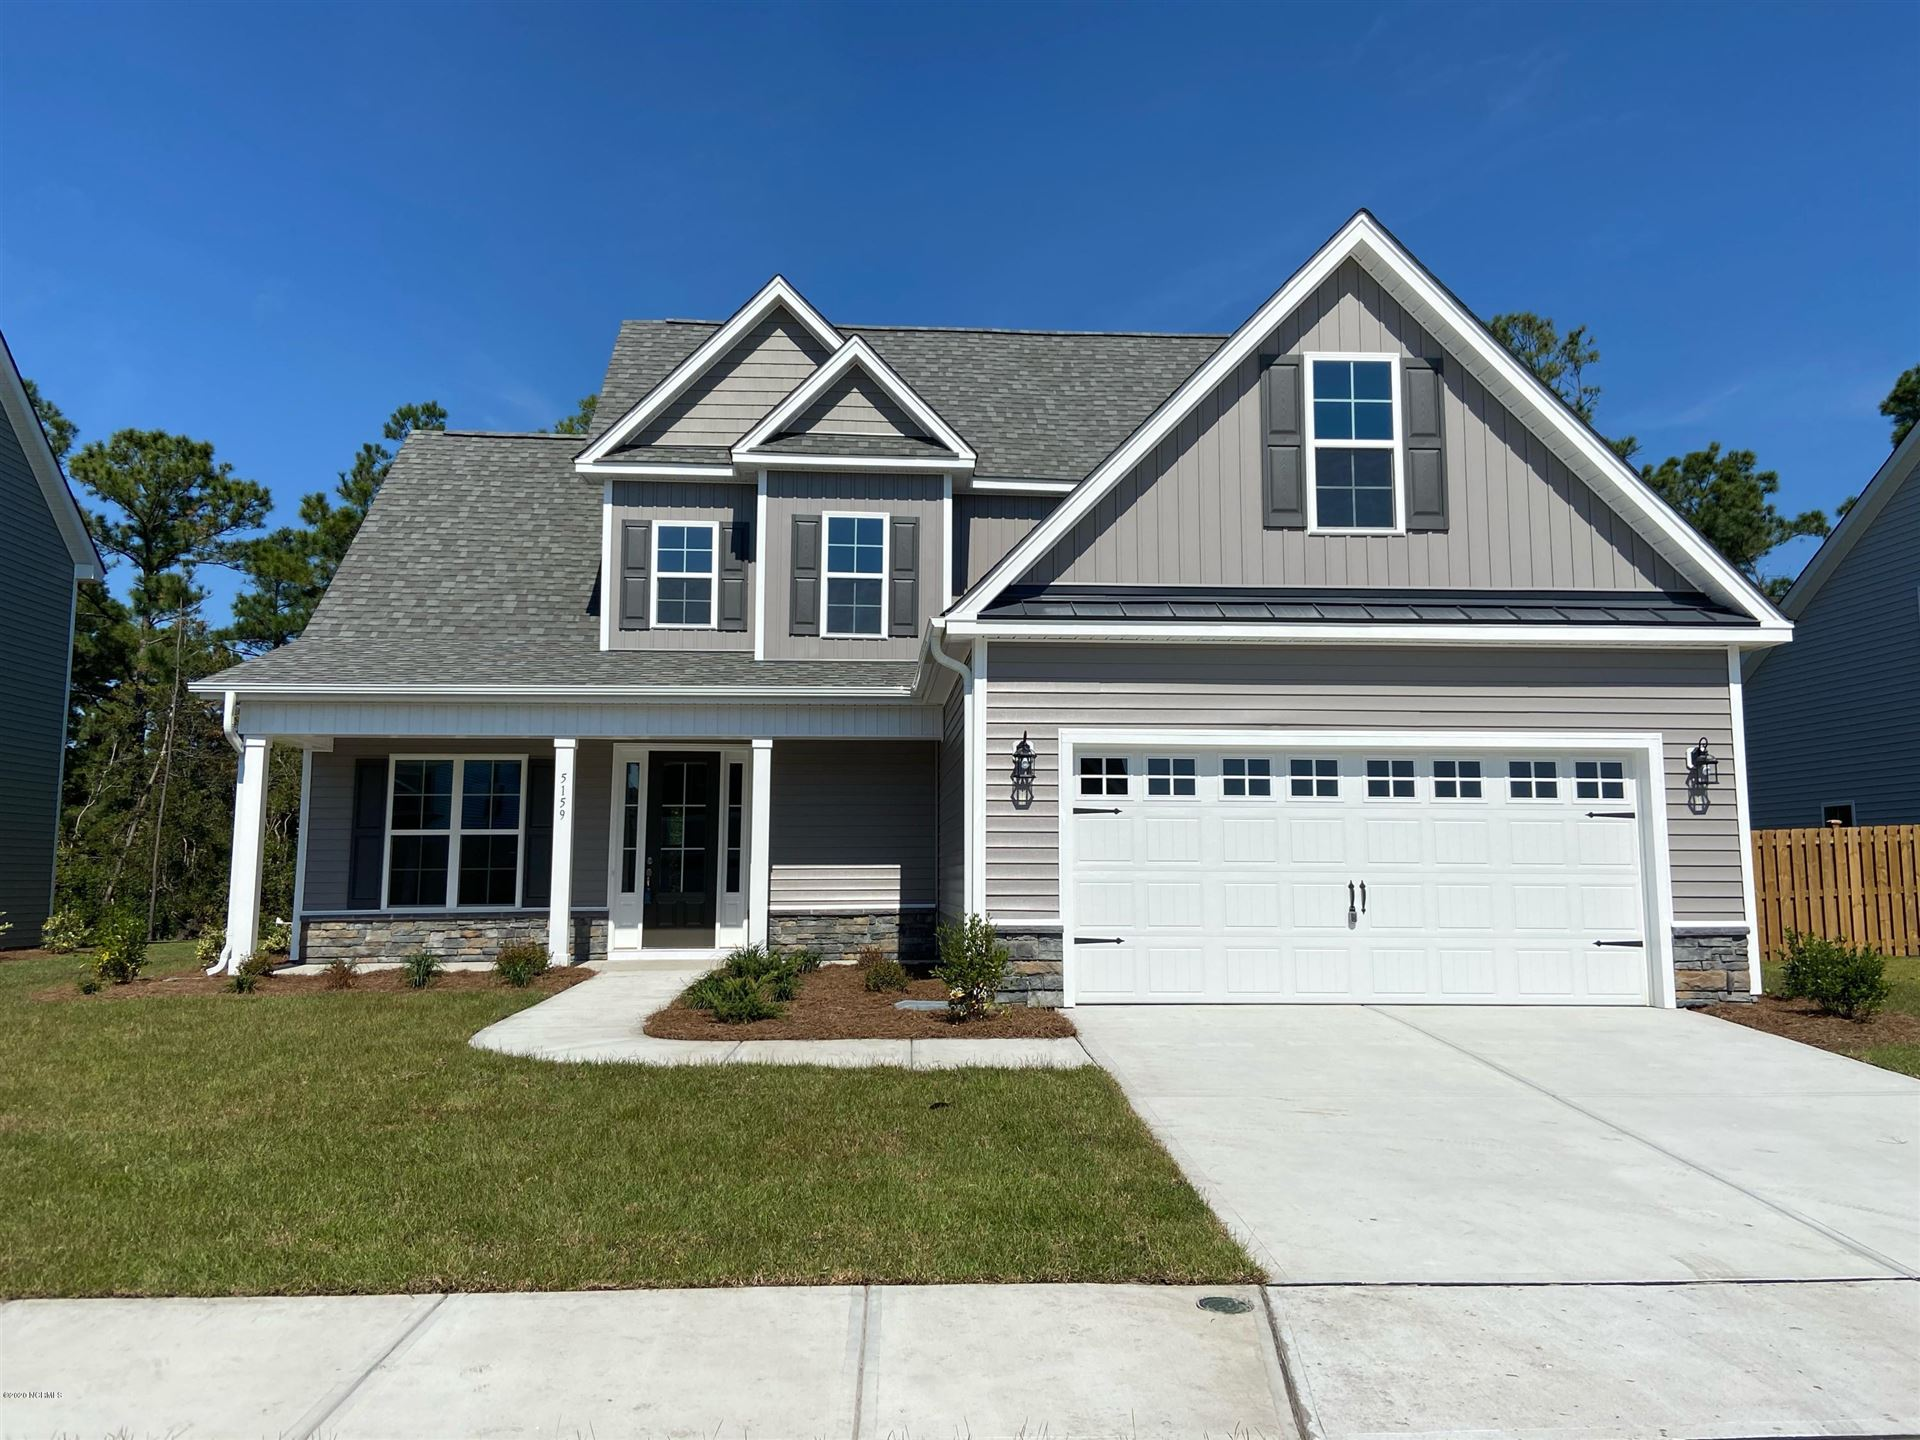 5159 Cloverland Way, Wilmington, NC 28412 - MLS#: 100216041